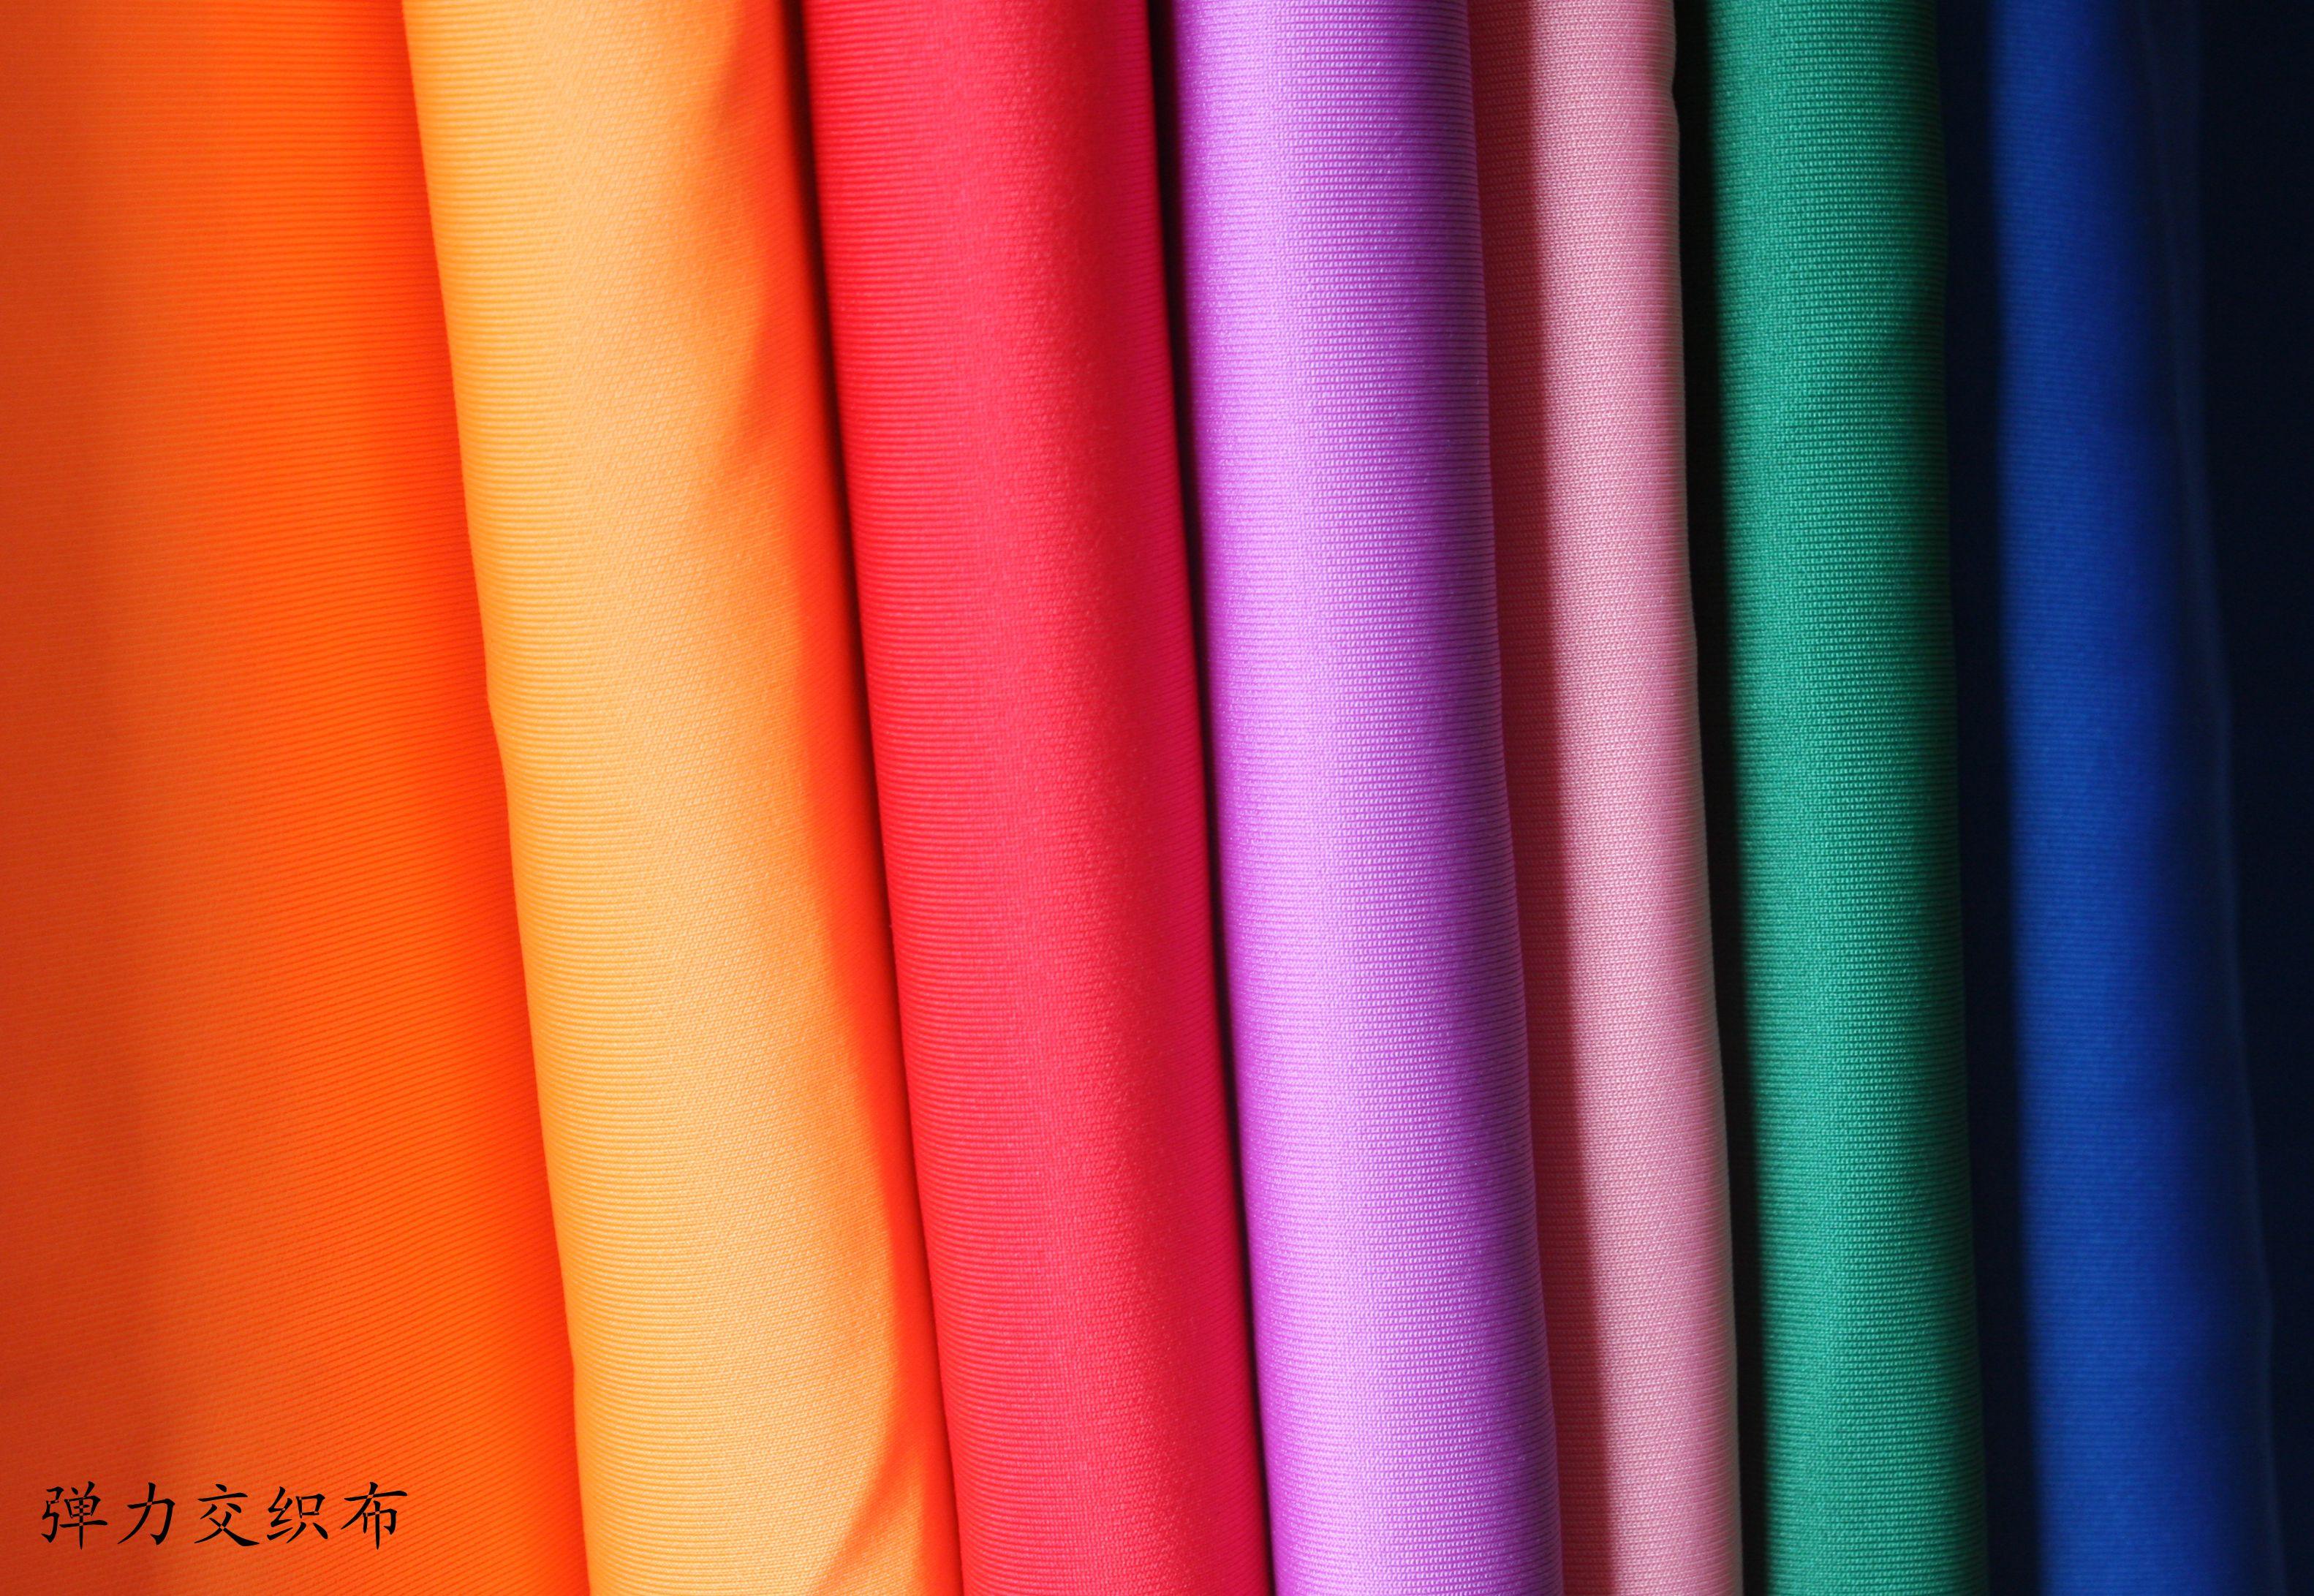 供应涤安双面交织布 有品质的涤安双面交织布供应商当属台帆实业